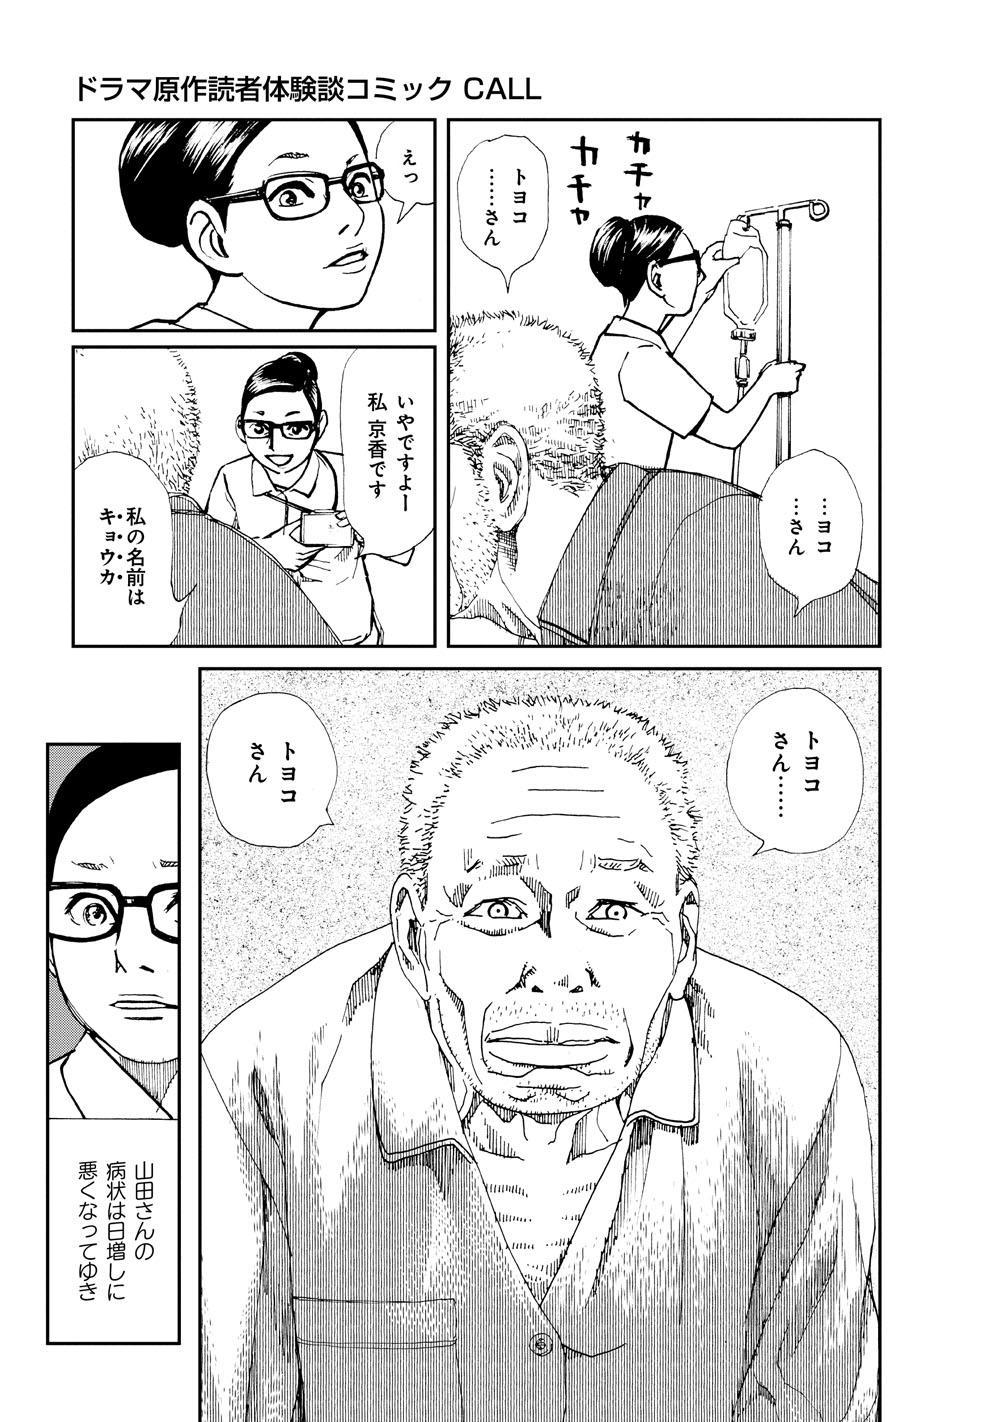 テレビ版_ほん怖_241.jpg